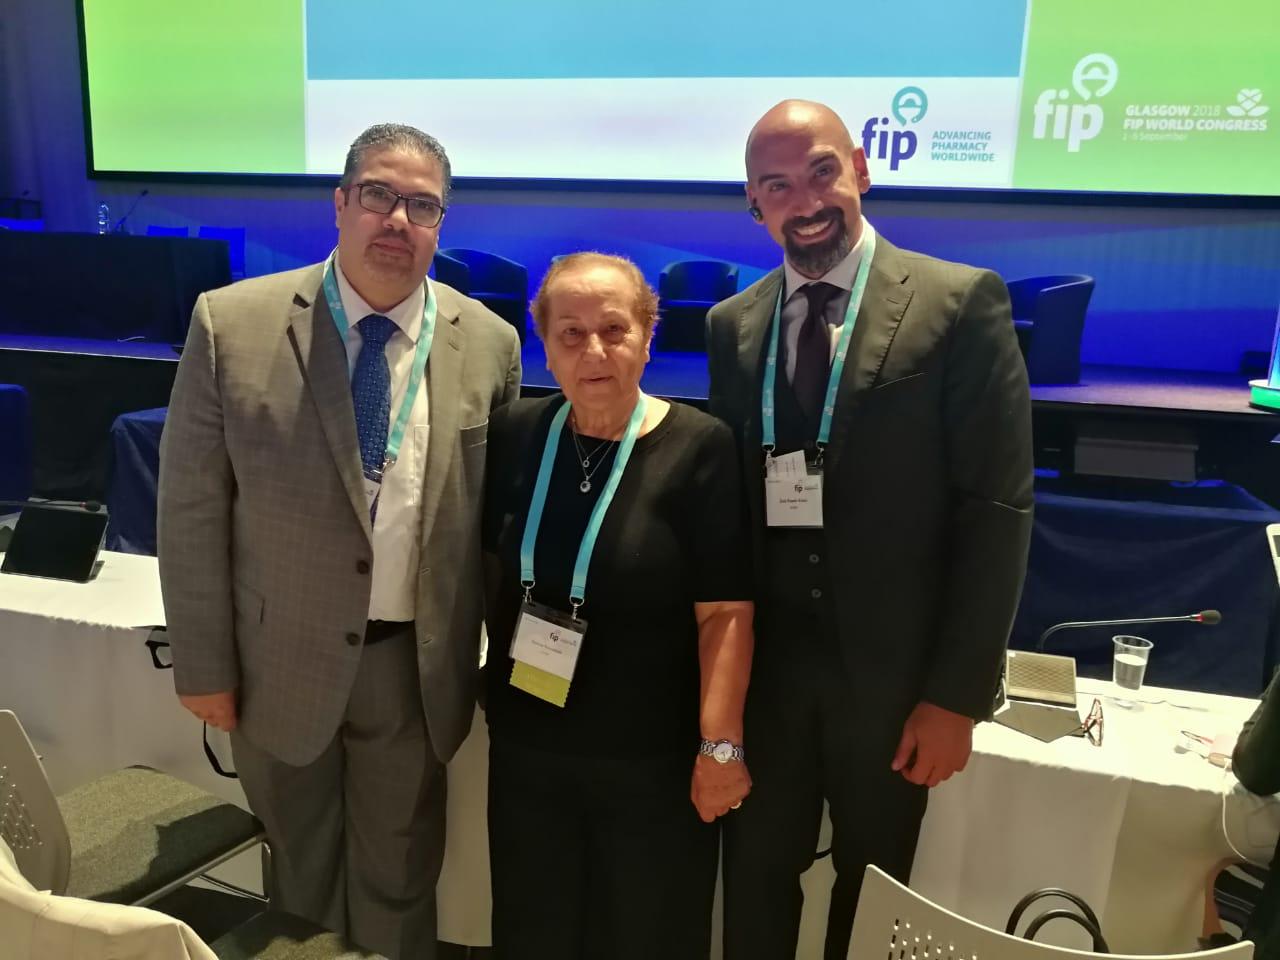 د. القسوس اول عربية تفوز بمركز نائب رئيس اتحاد الصيادلة العالمي